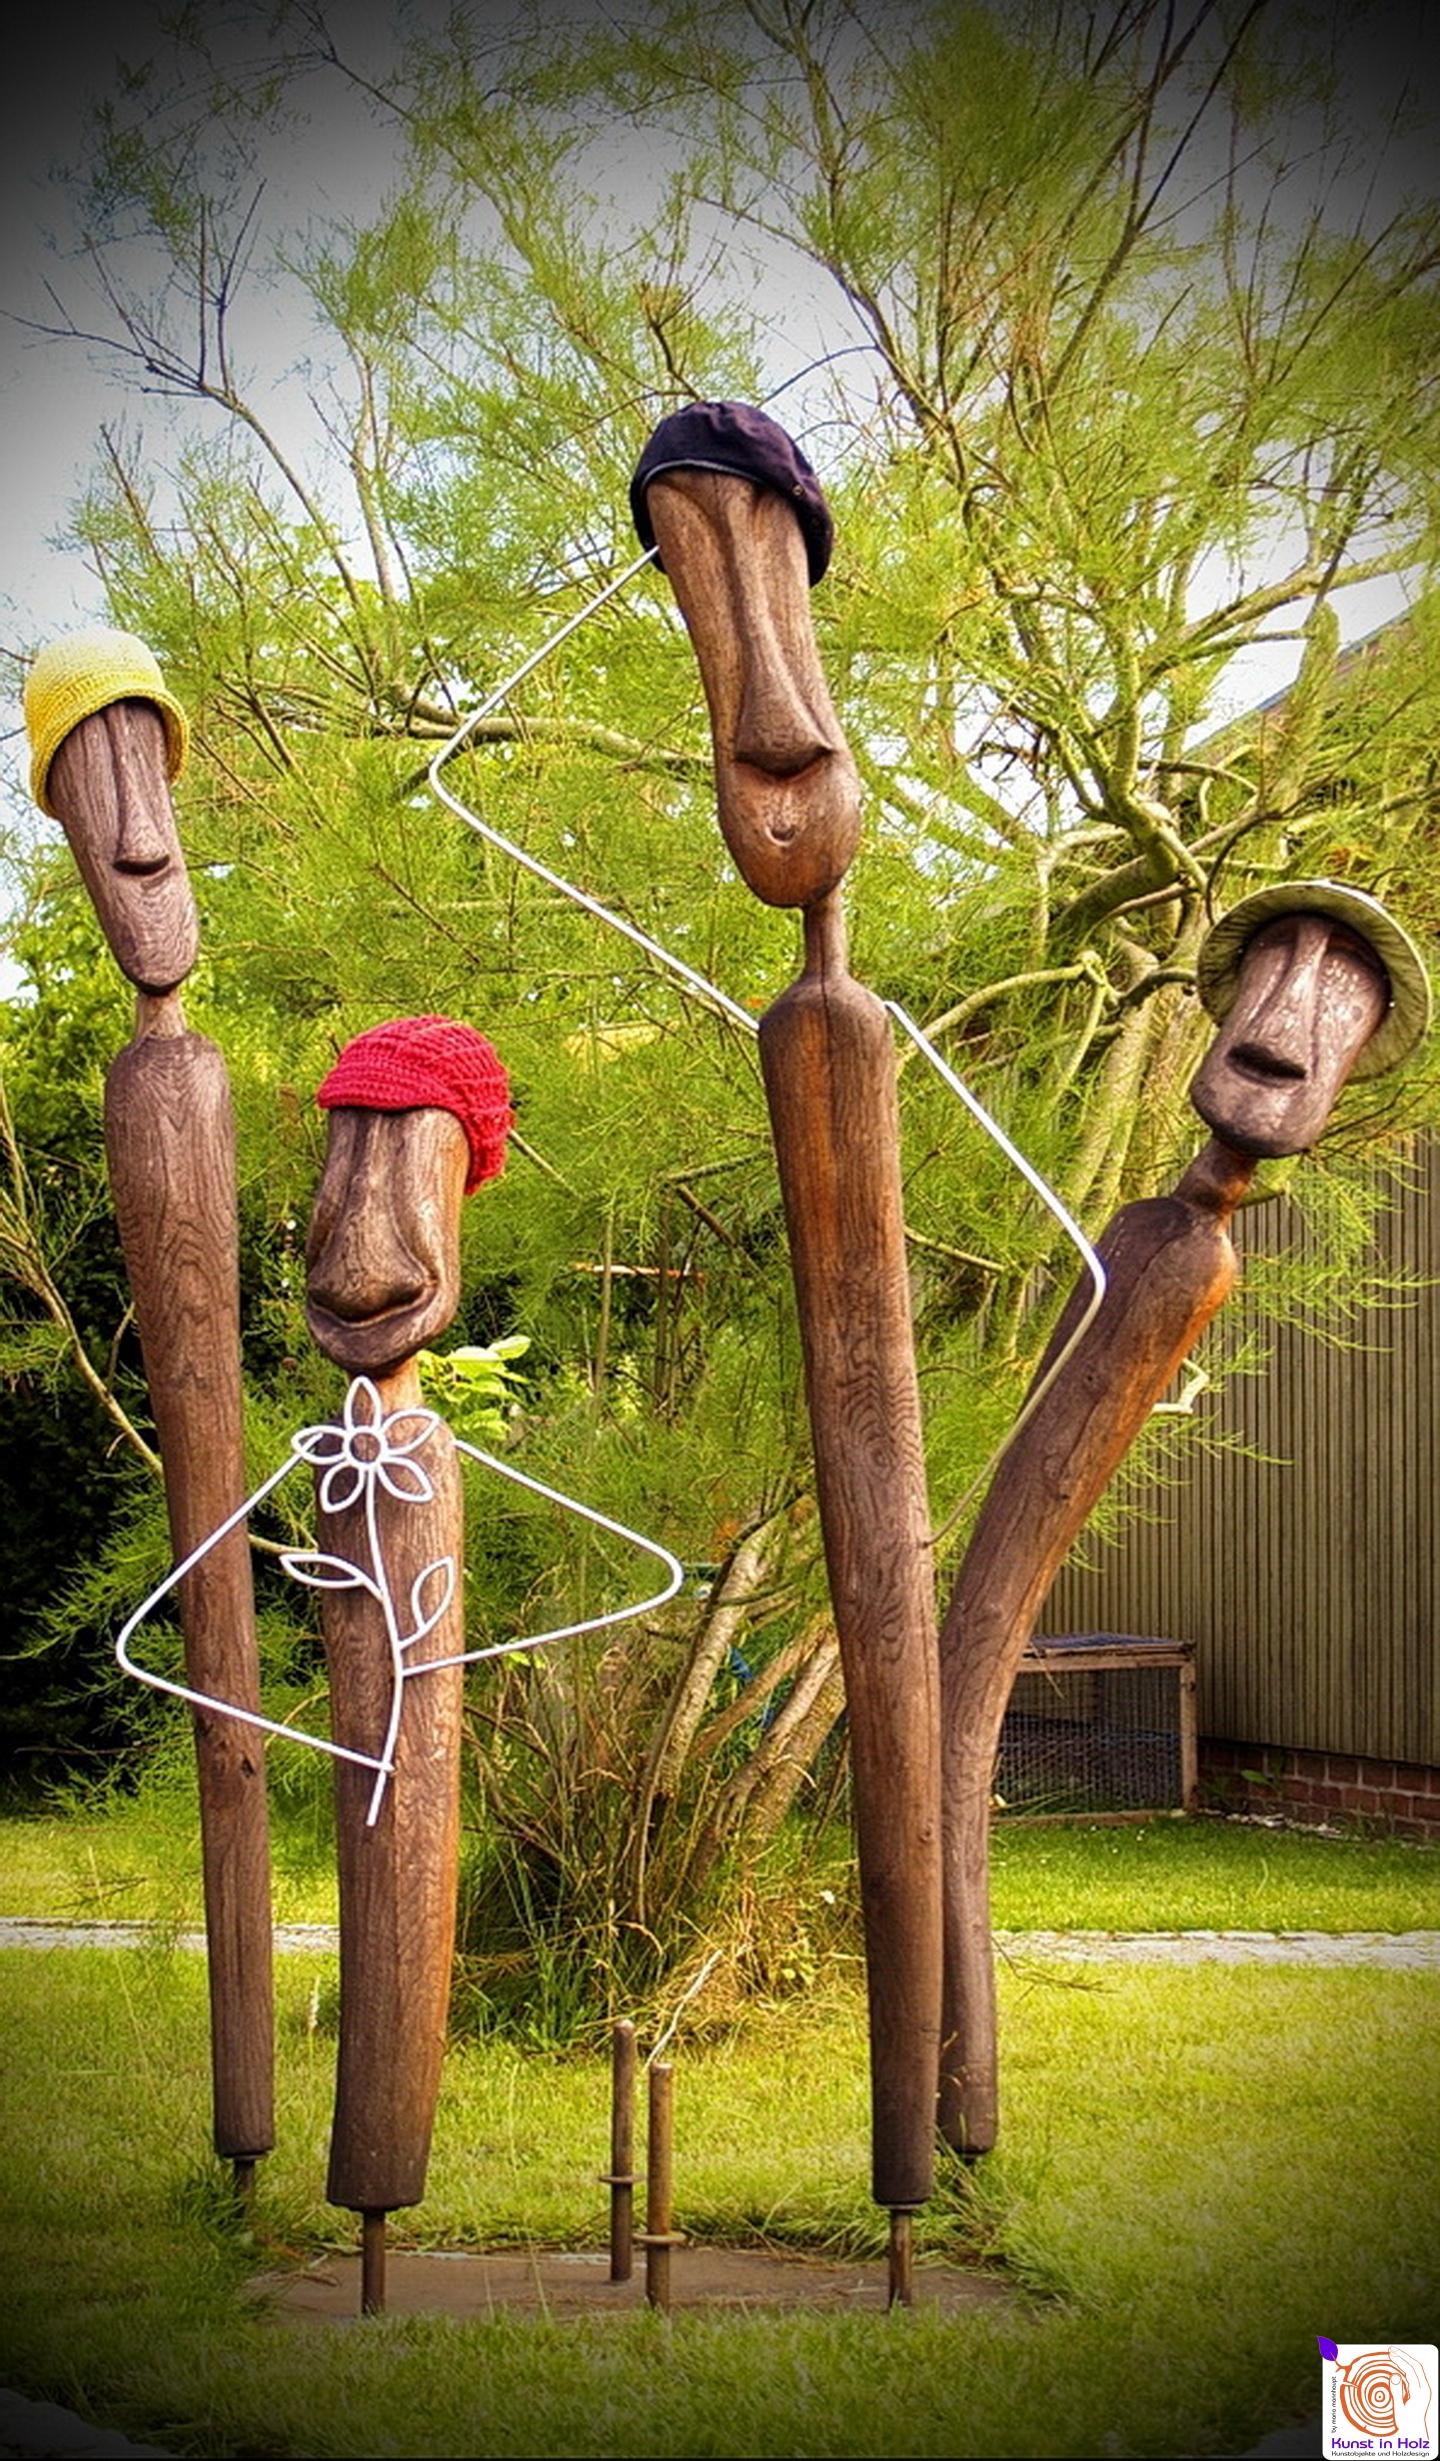 Full Size of Gartenskulpturen Aus Stein Modern Garten Skulptur Holz Kaufen Buddha Gestalten 2011 02 Kunst In Holzkunst Stapelstühle Loungemöbel Günstig Gerätehaus Garten Garten Skulpturen